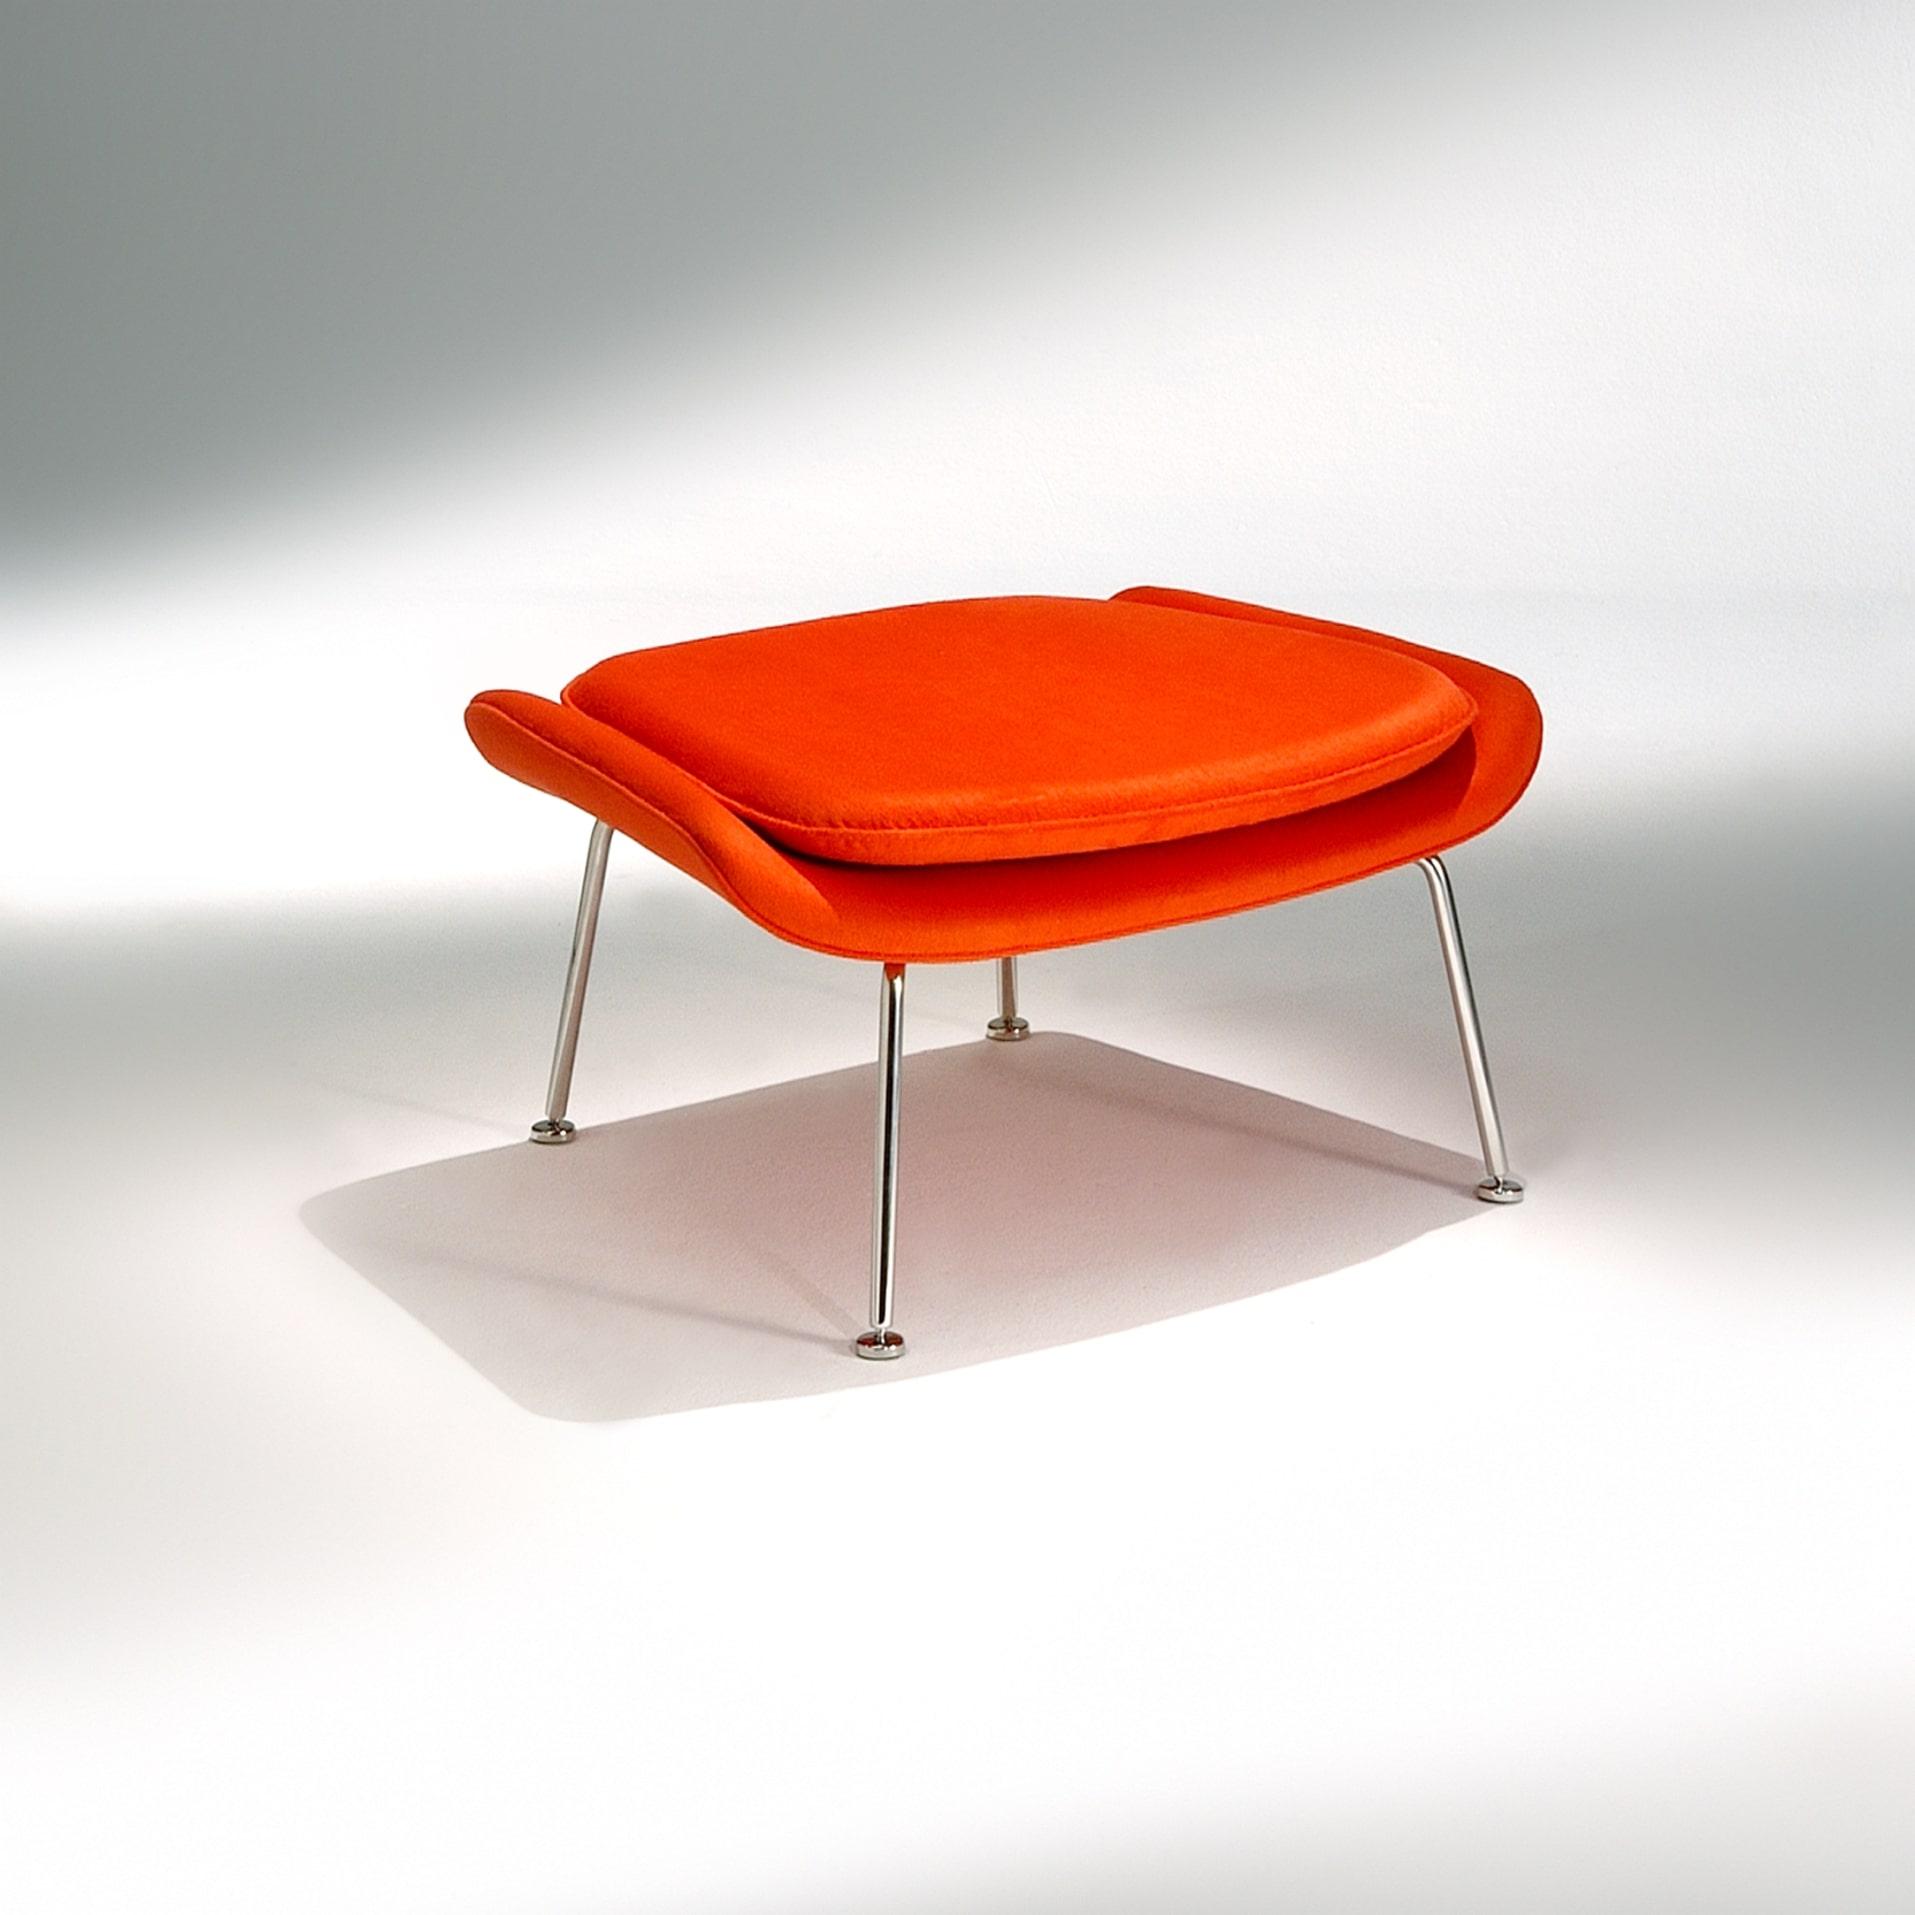 Banqueta Berger Saarinen Estrutura Aço Inox Studio Mais Design by Eero Saarinen